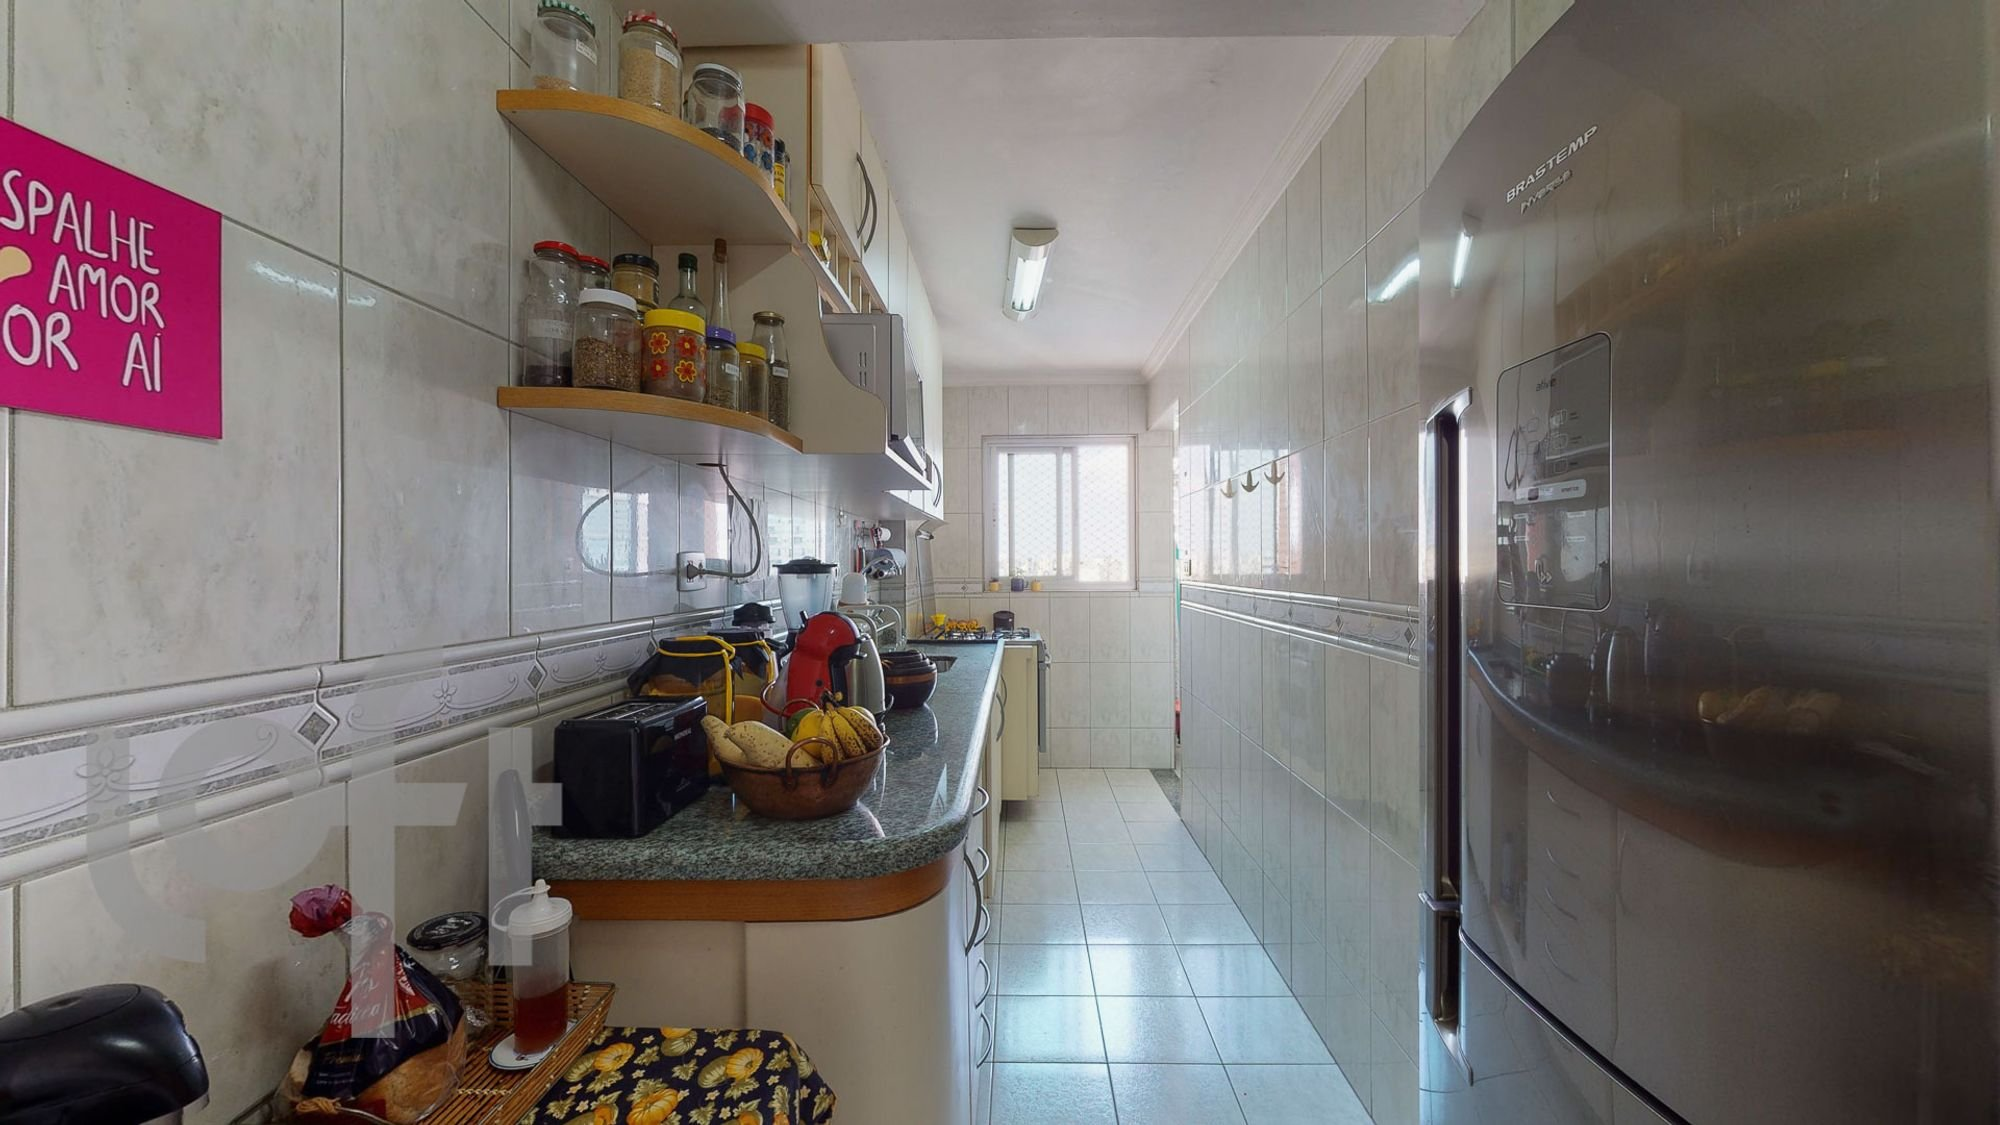 Foto de Cozinha com garrafa